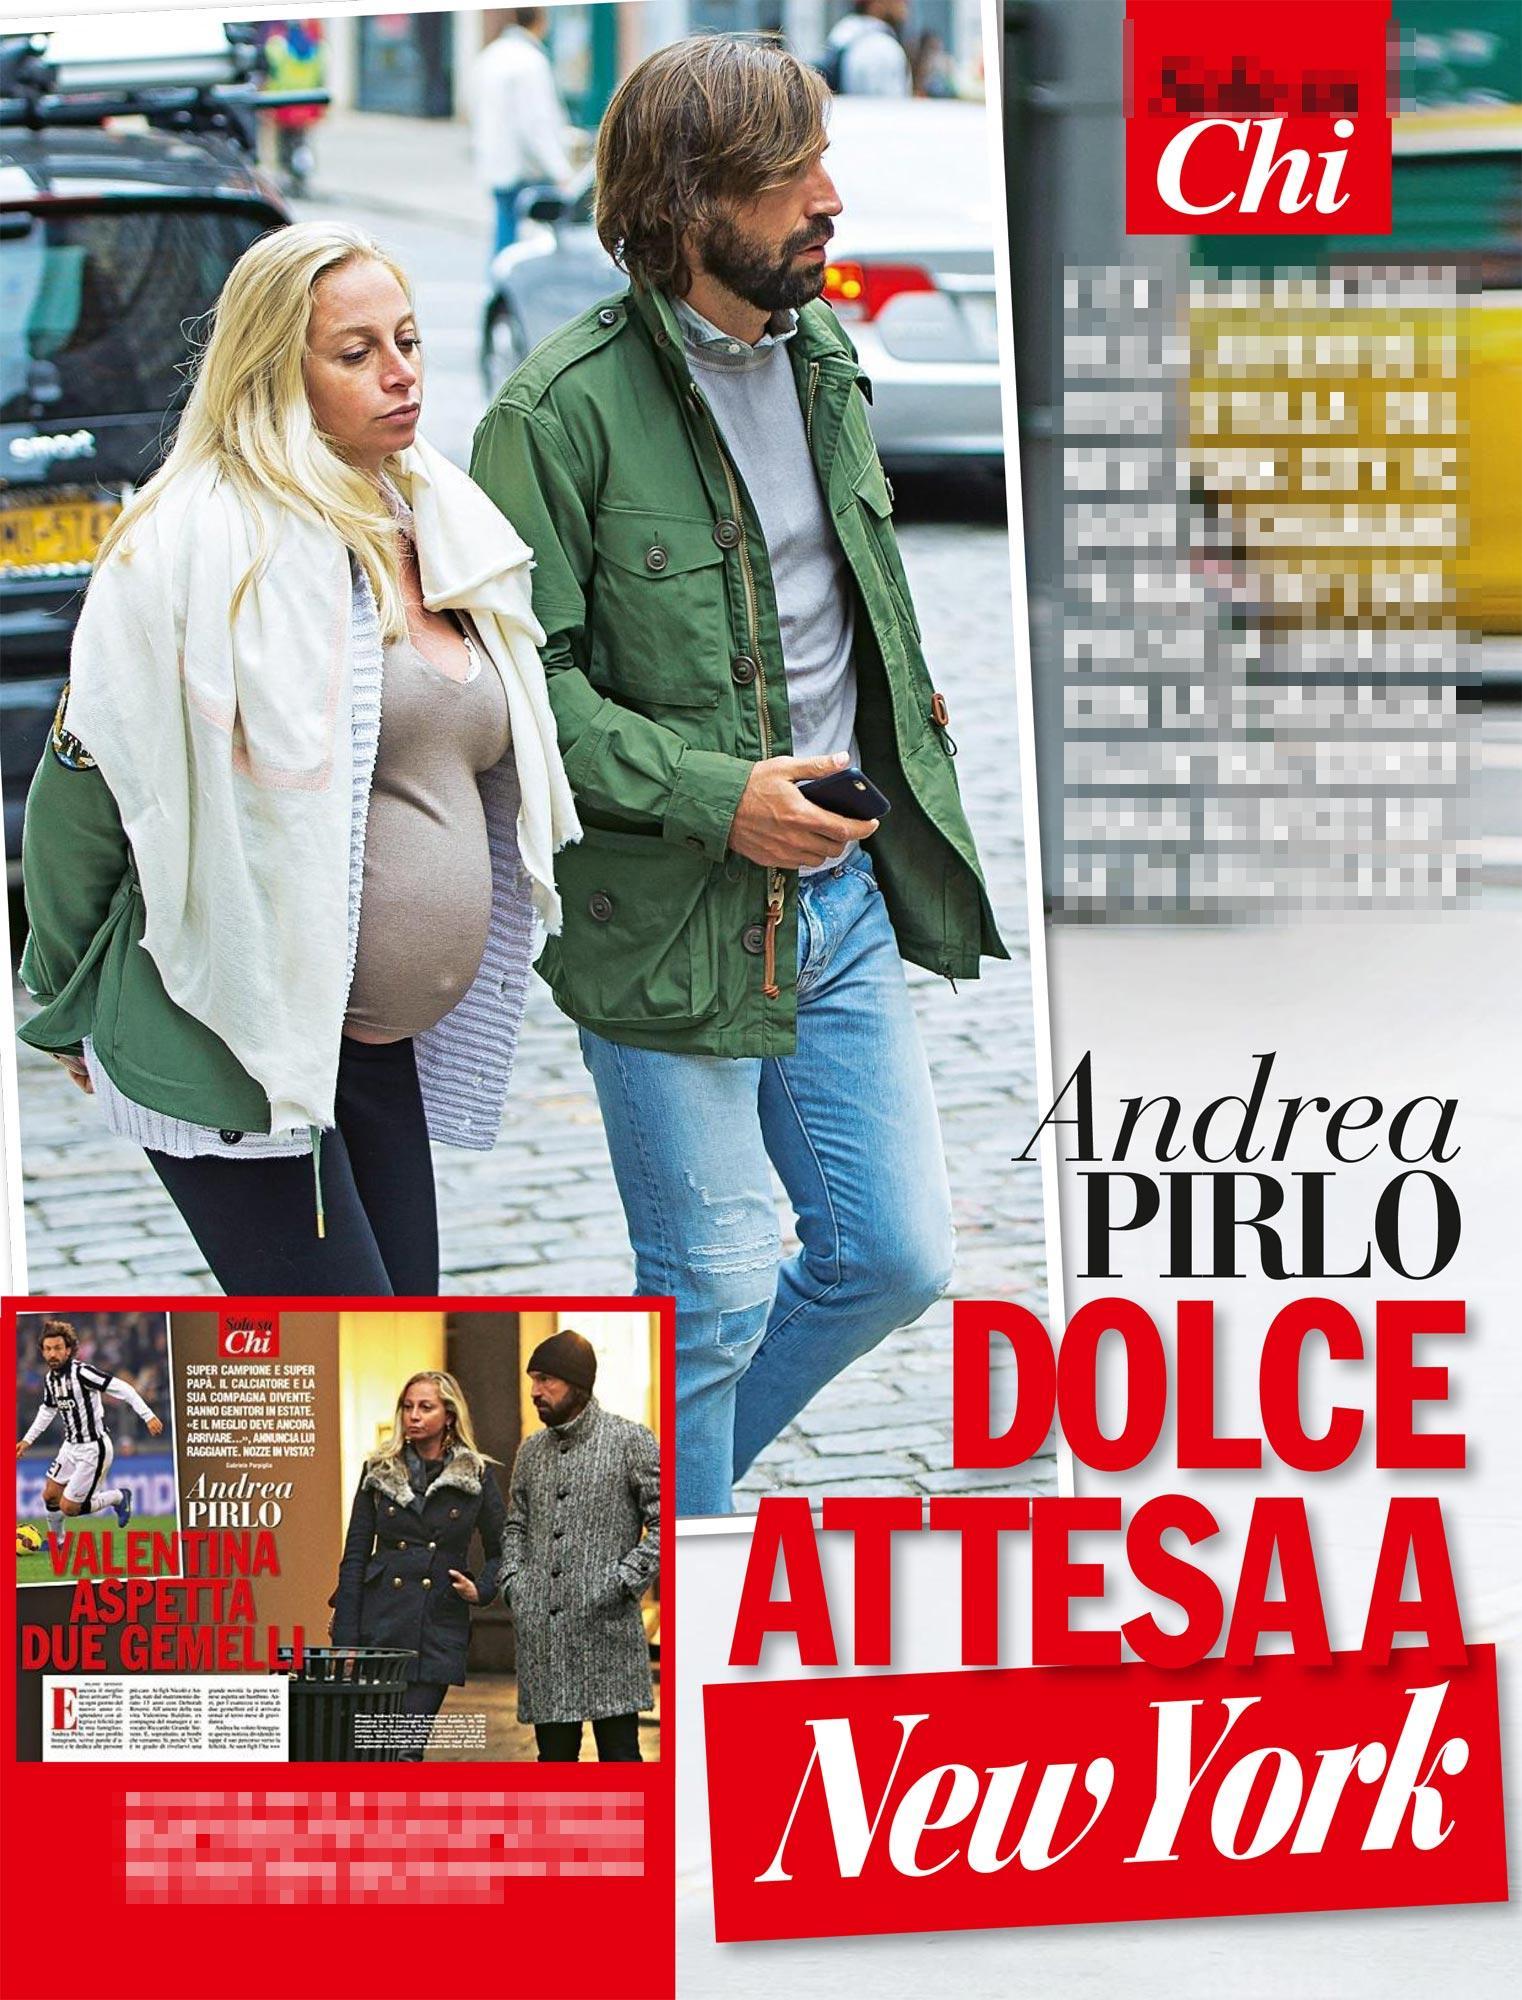 Andrea Pirlo a spasso col pancione - Foto Tgcom24